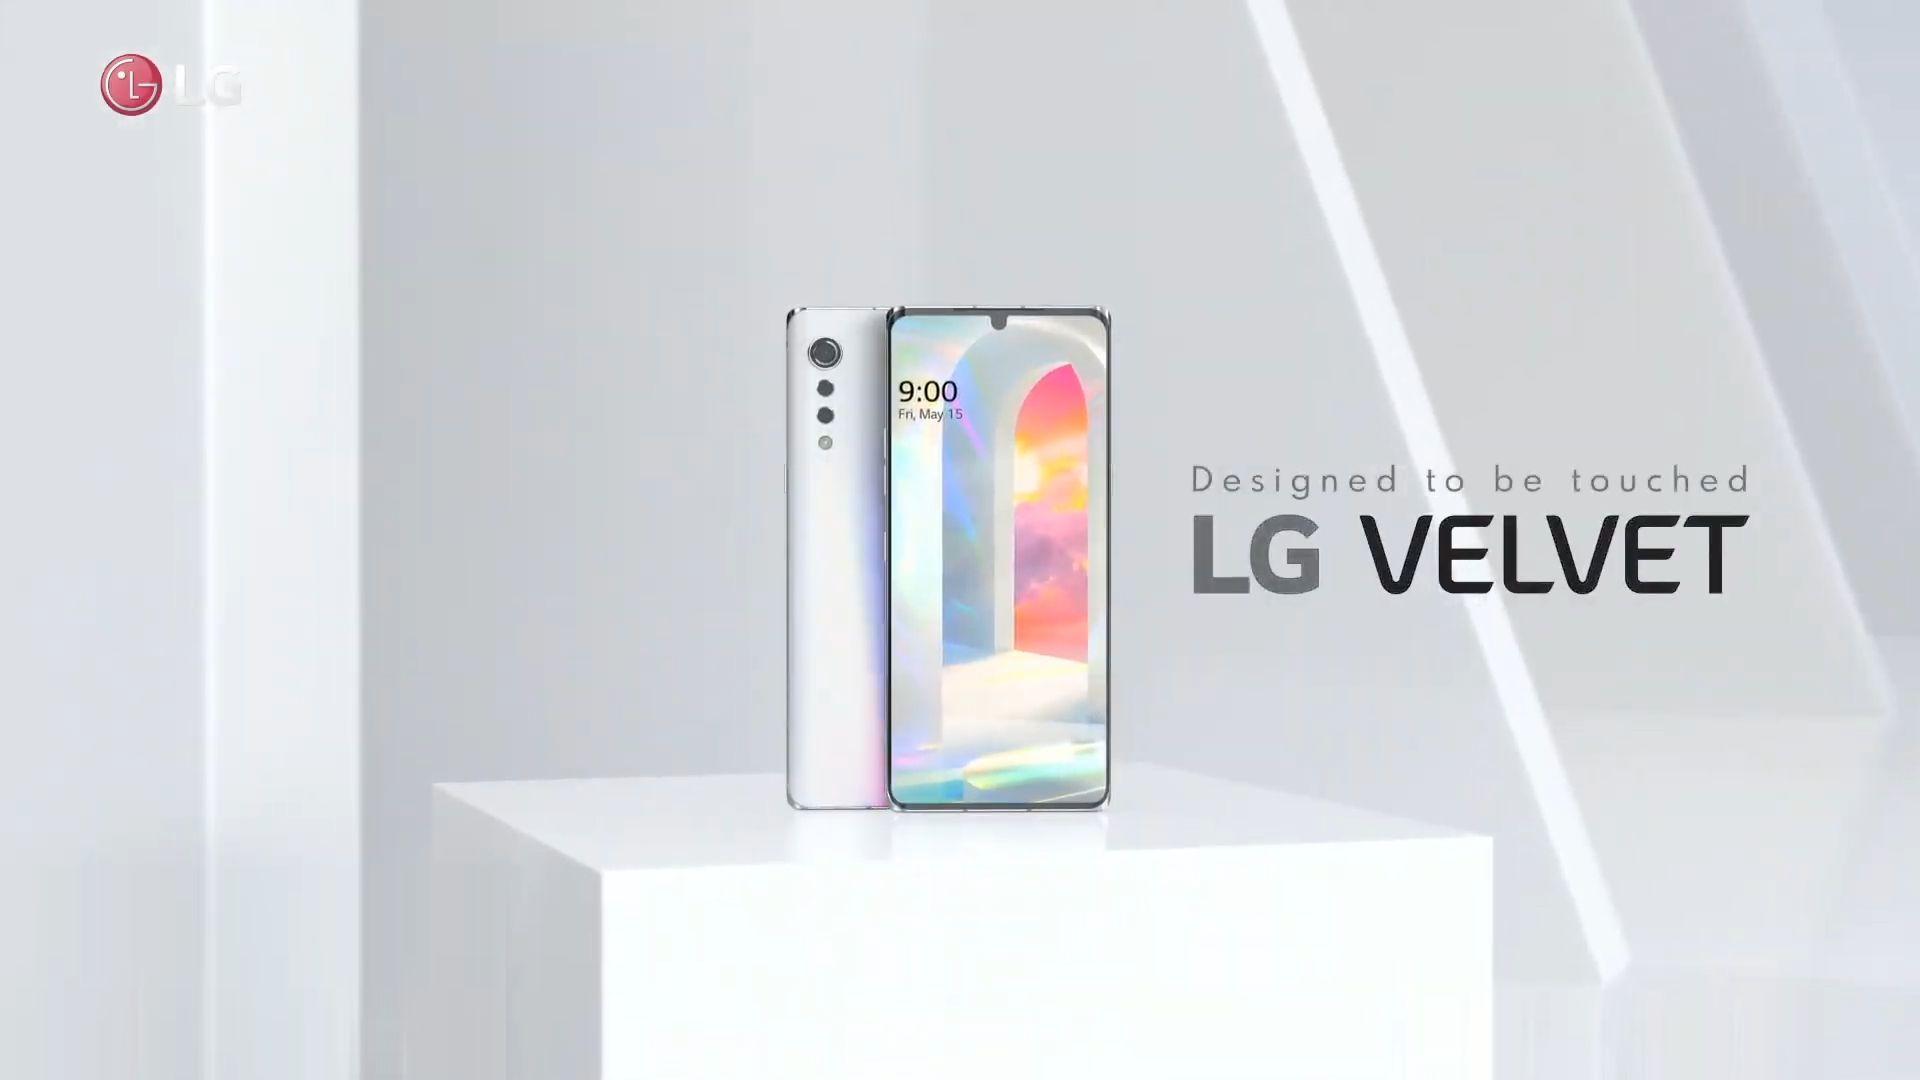 LG Velvet arriva ufficialmente in Italia: è quasi uno smartphone top di gamma ed è molto interessante, ma...